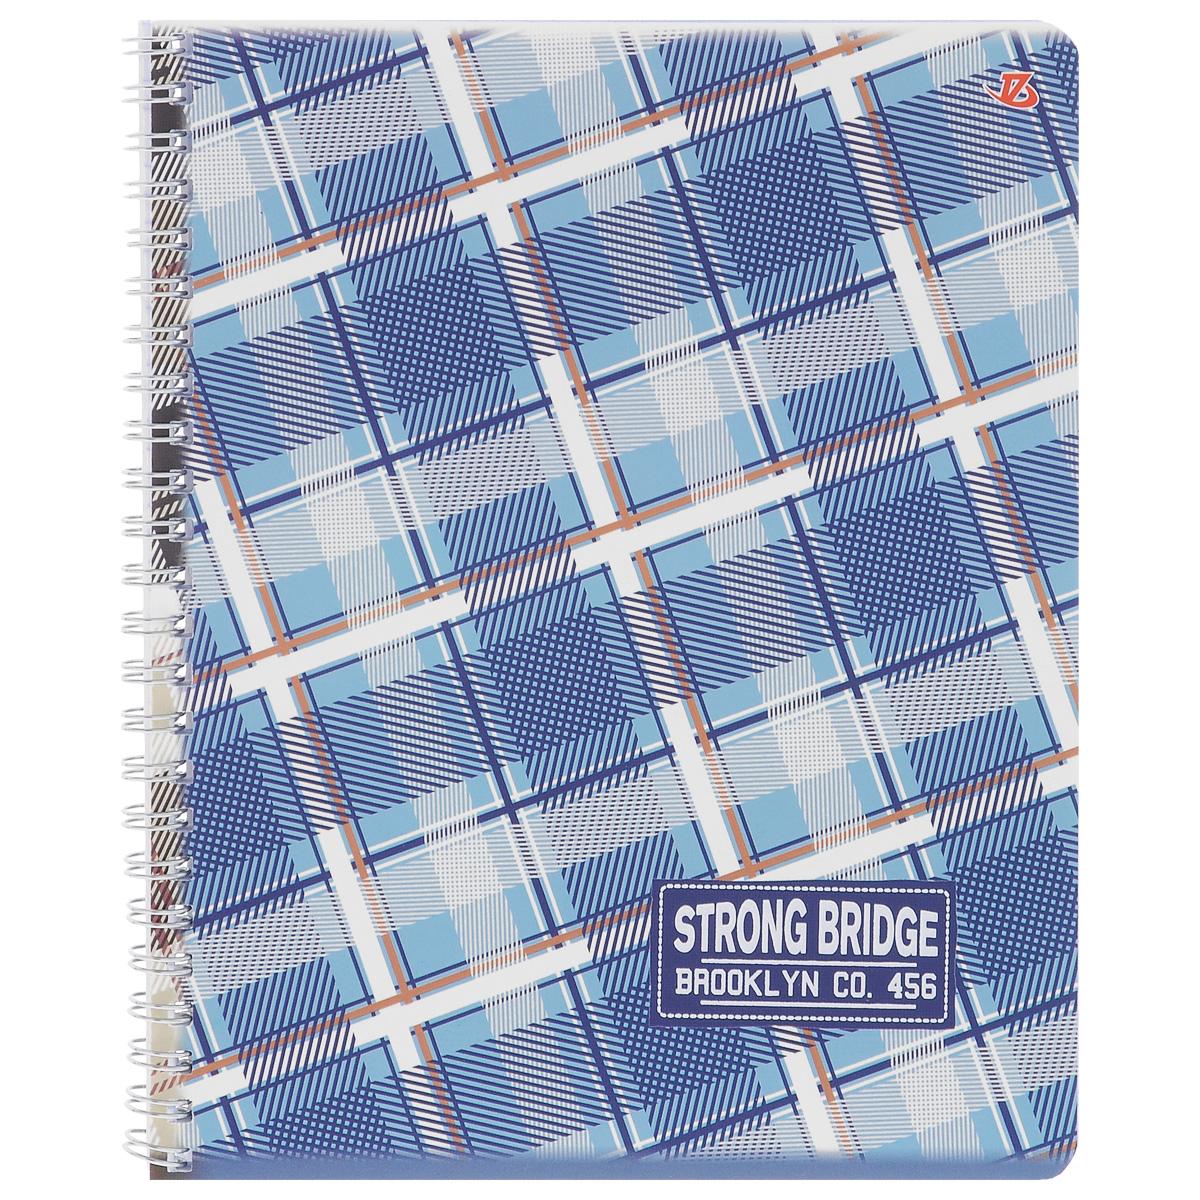 Тетрадь в клетку Strong Bridge, цвет: синий, голубой, бежевый, 60 листов. 6658/36658/3_сине-голубойТетрадь Strong Bridge подойдет для любых работ и студенту, и школьнику.Фактурная обложка тетради с элементами серебряного тиснения выполнена из мелованного картона с закругленными углами.Внутренний блок тетради соединен металлической пружиной и состоит из 60 листов высококачественной бумаги повышенной белизны.